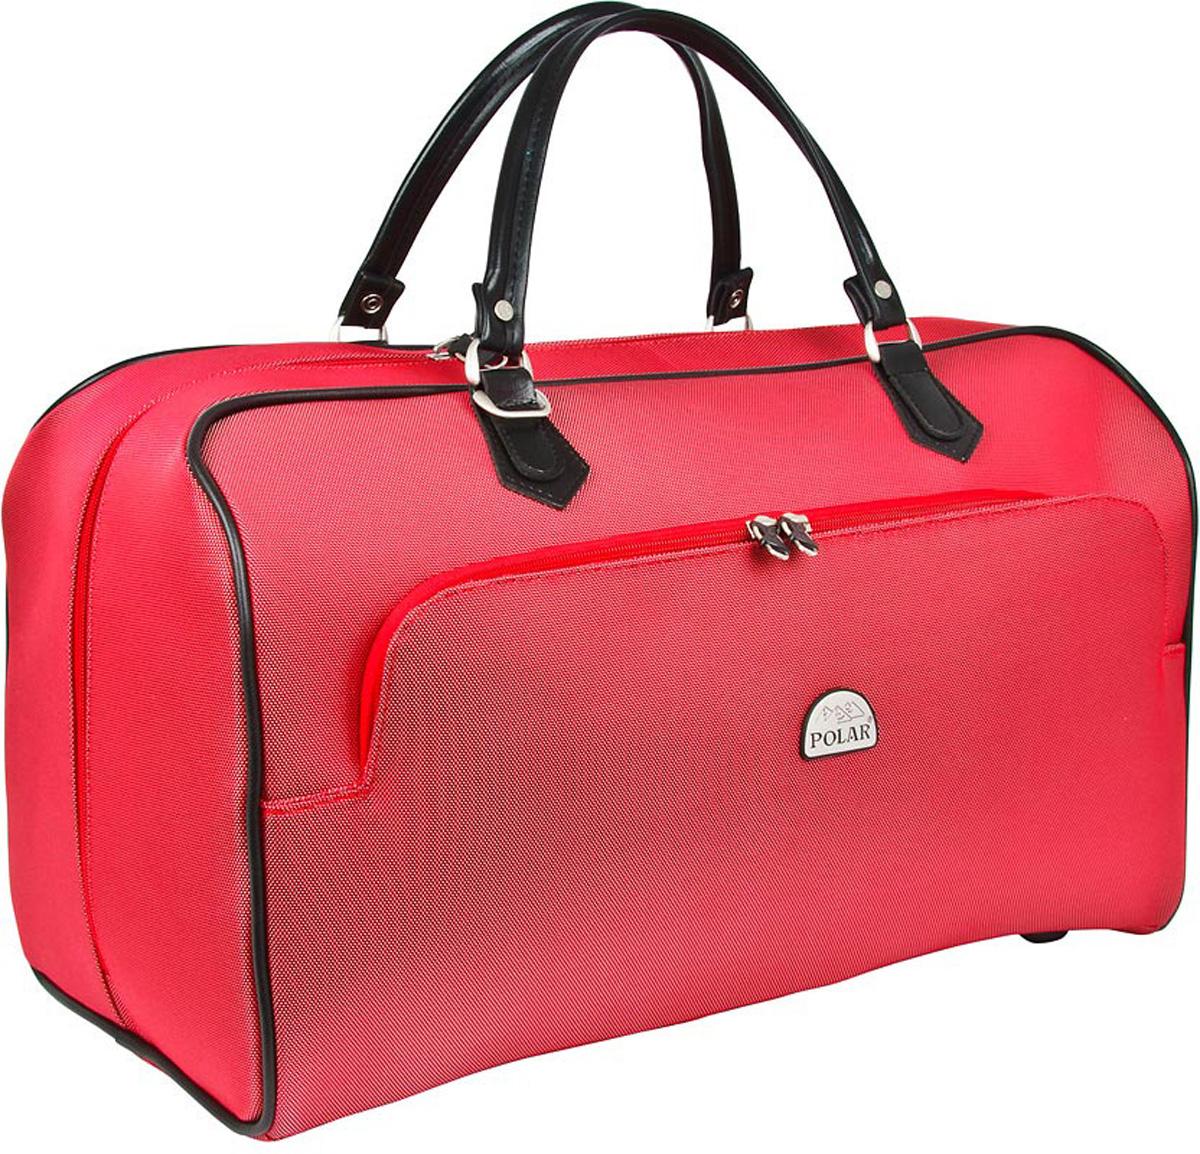 Сумка дорожная Polar, цвет: красный, 47 л. 70517015.5Стильная дорожная сумка Polar выполнена из кордура. Сумка имеет одно вместительное отделение, закрывающееся на двухстороннюю застежку-молнию. Стенки и дно - жесткие. Внутри - один большой карман на молнии. Снаружи - большой карман на молнии. Ручки отделаны искусственной кожей. В комплекте есть съемный, регулируемый плечевой ремень.